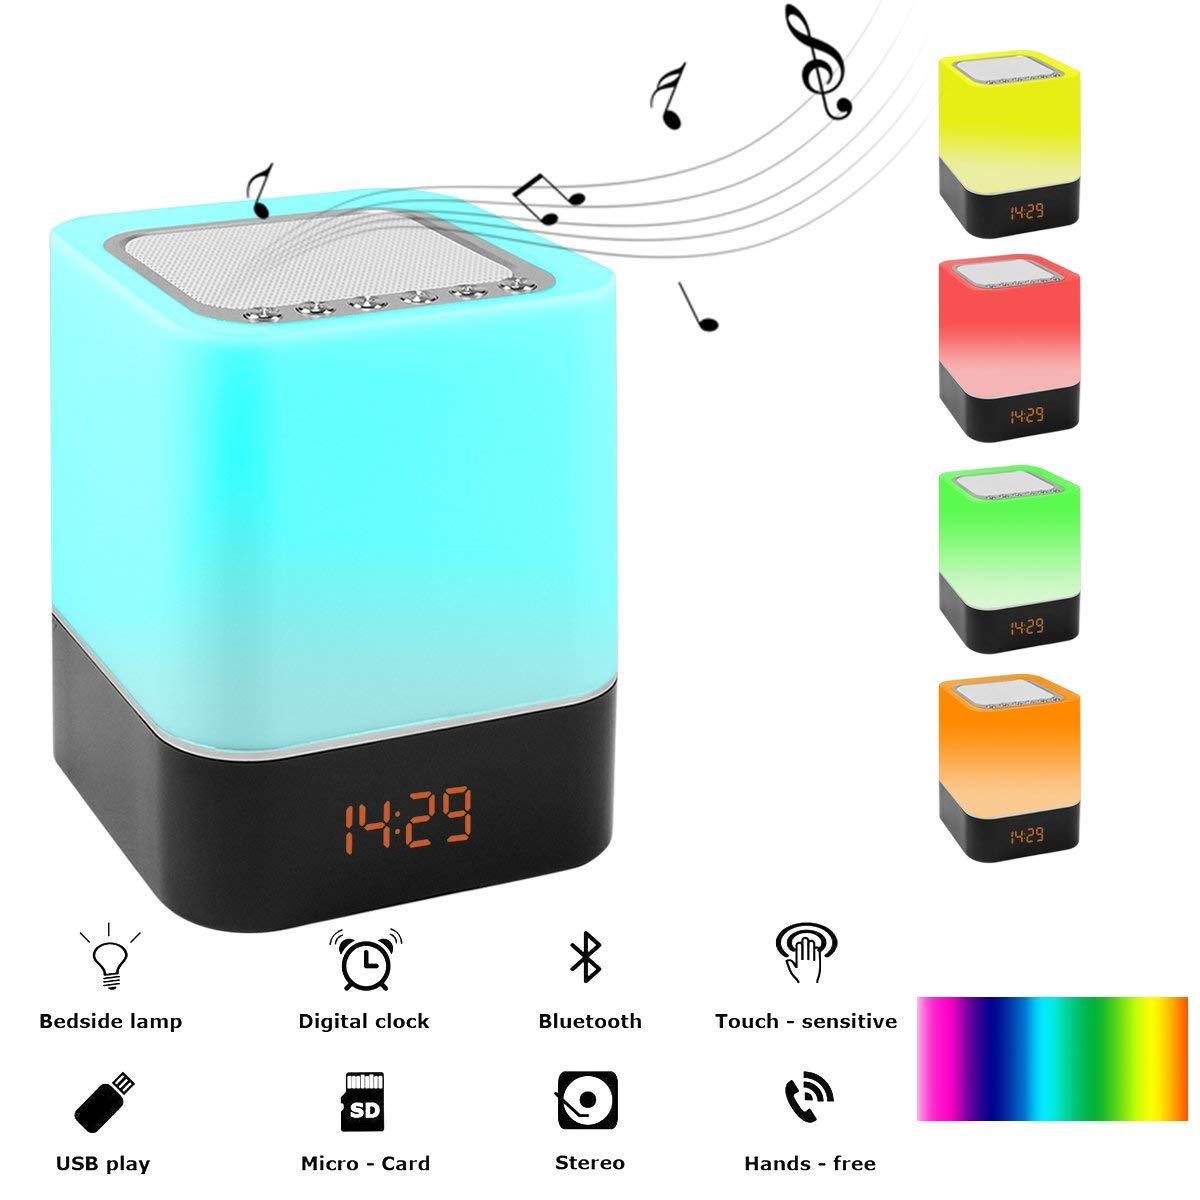 Dapper Brand Nieuwe Draadloze Bluetooth Speaker Met Touch-control Bedlampje, Tafel Wekker Bluetooth Met Veranderende Led Nachtlampje Regelmatig Drinken Met Thee Verbetert Uw Gezondheid